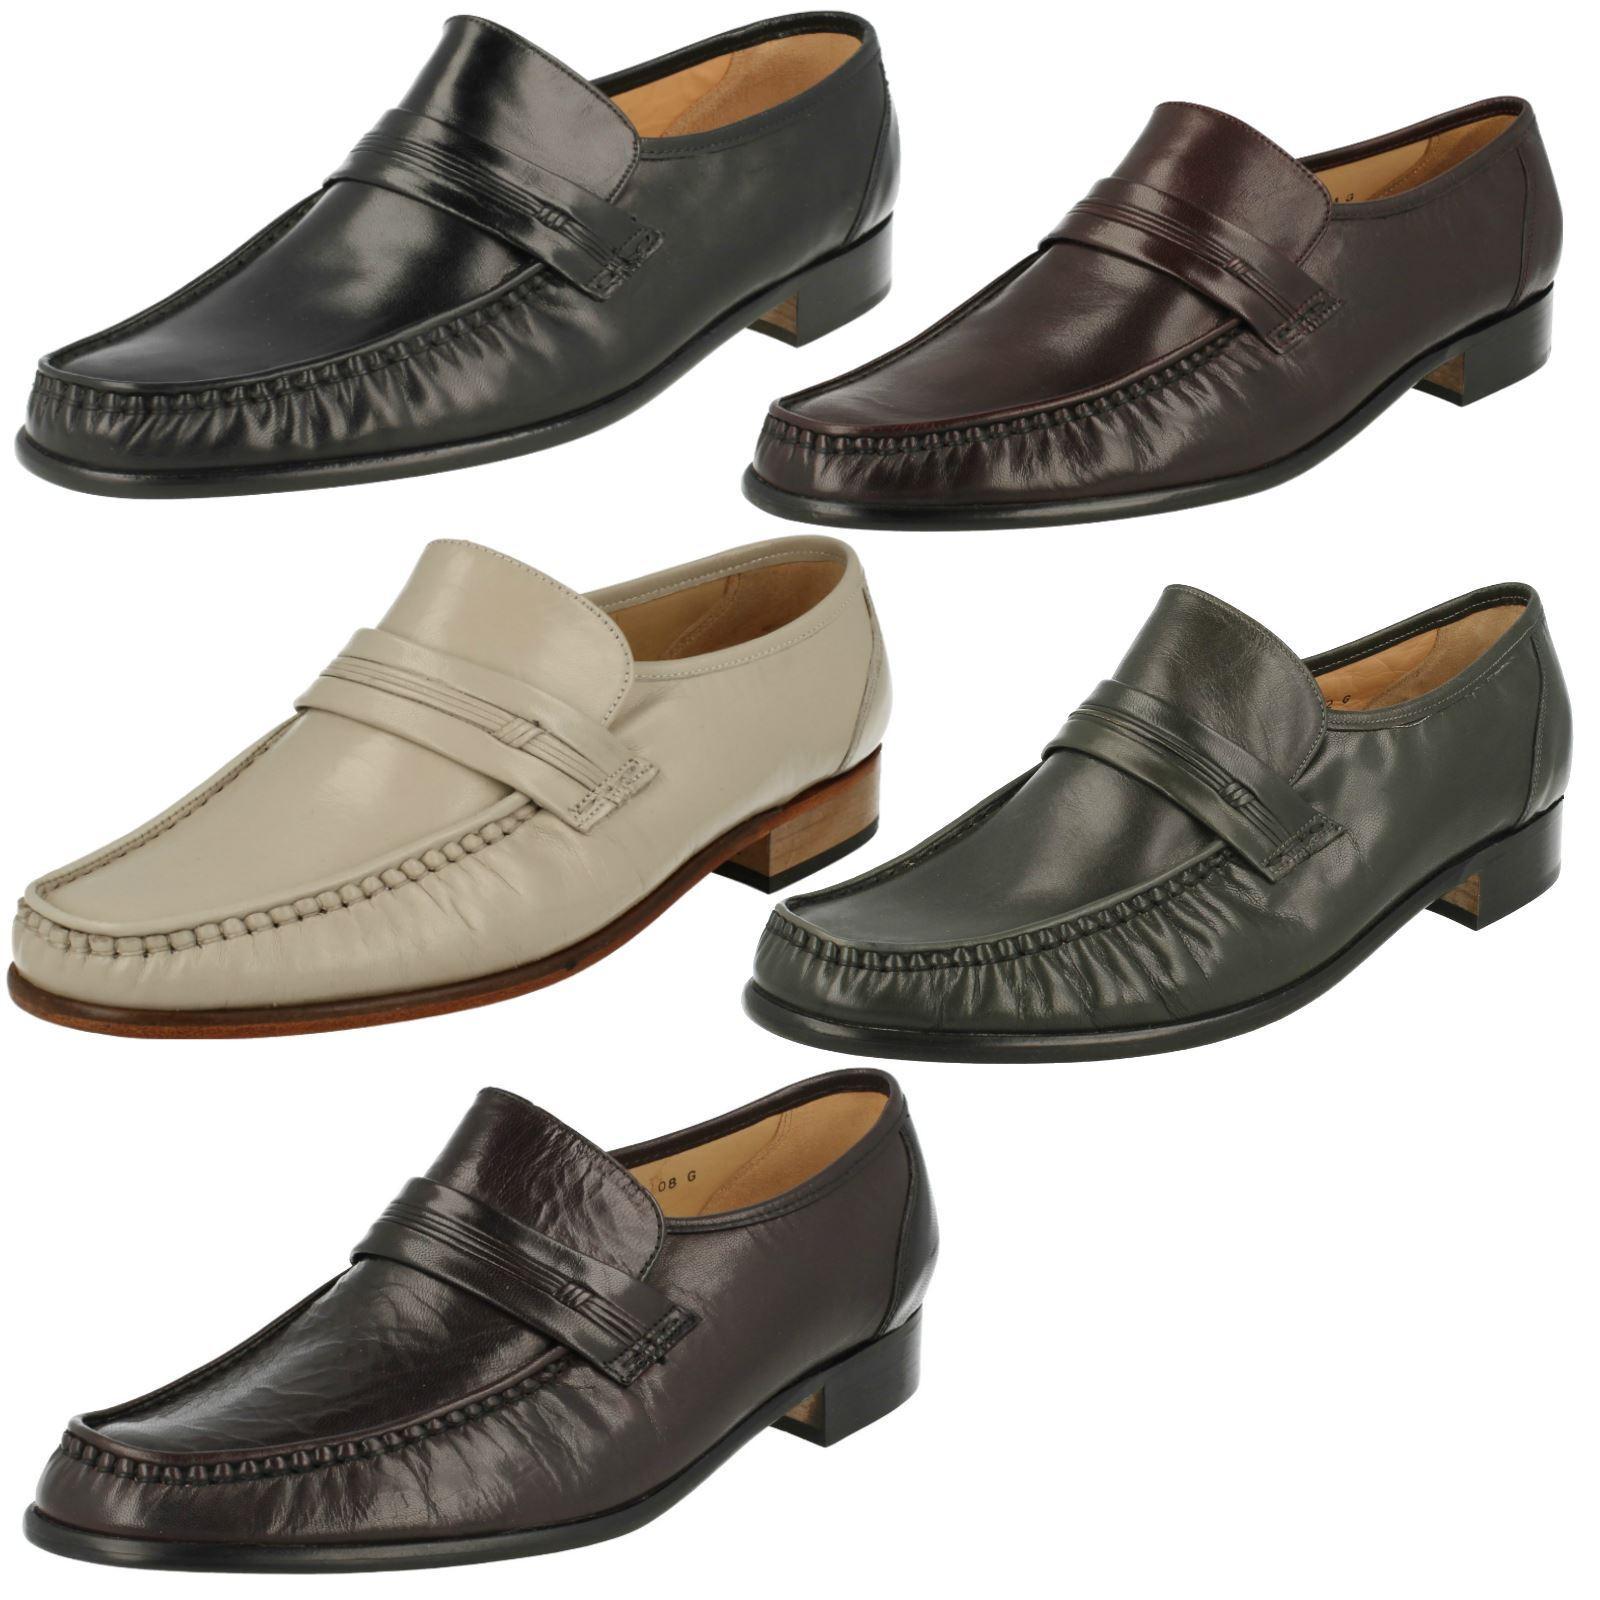 Billig gute Qualität Mens Grenson Moccasin Shoes, Clapham